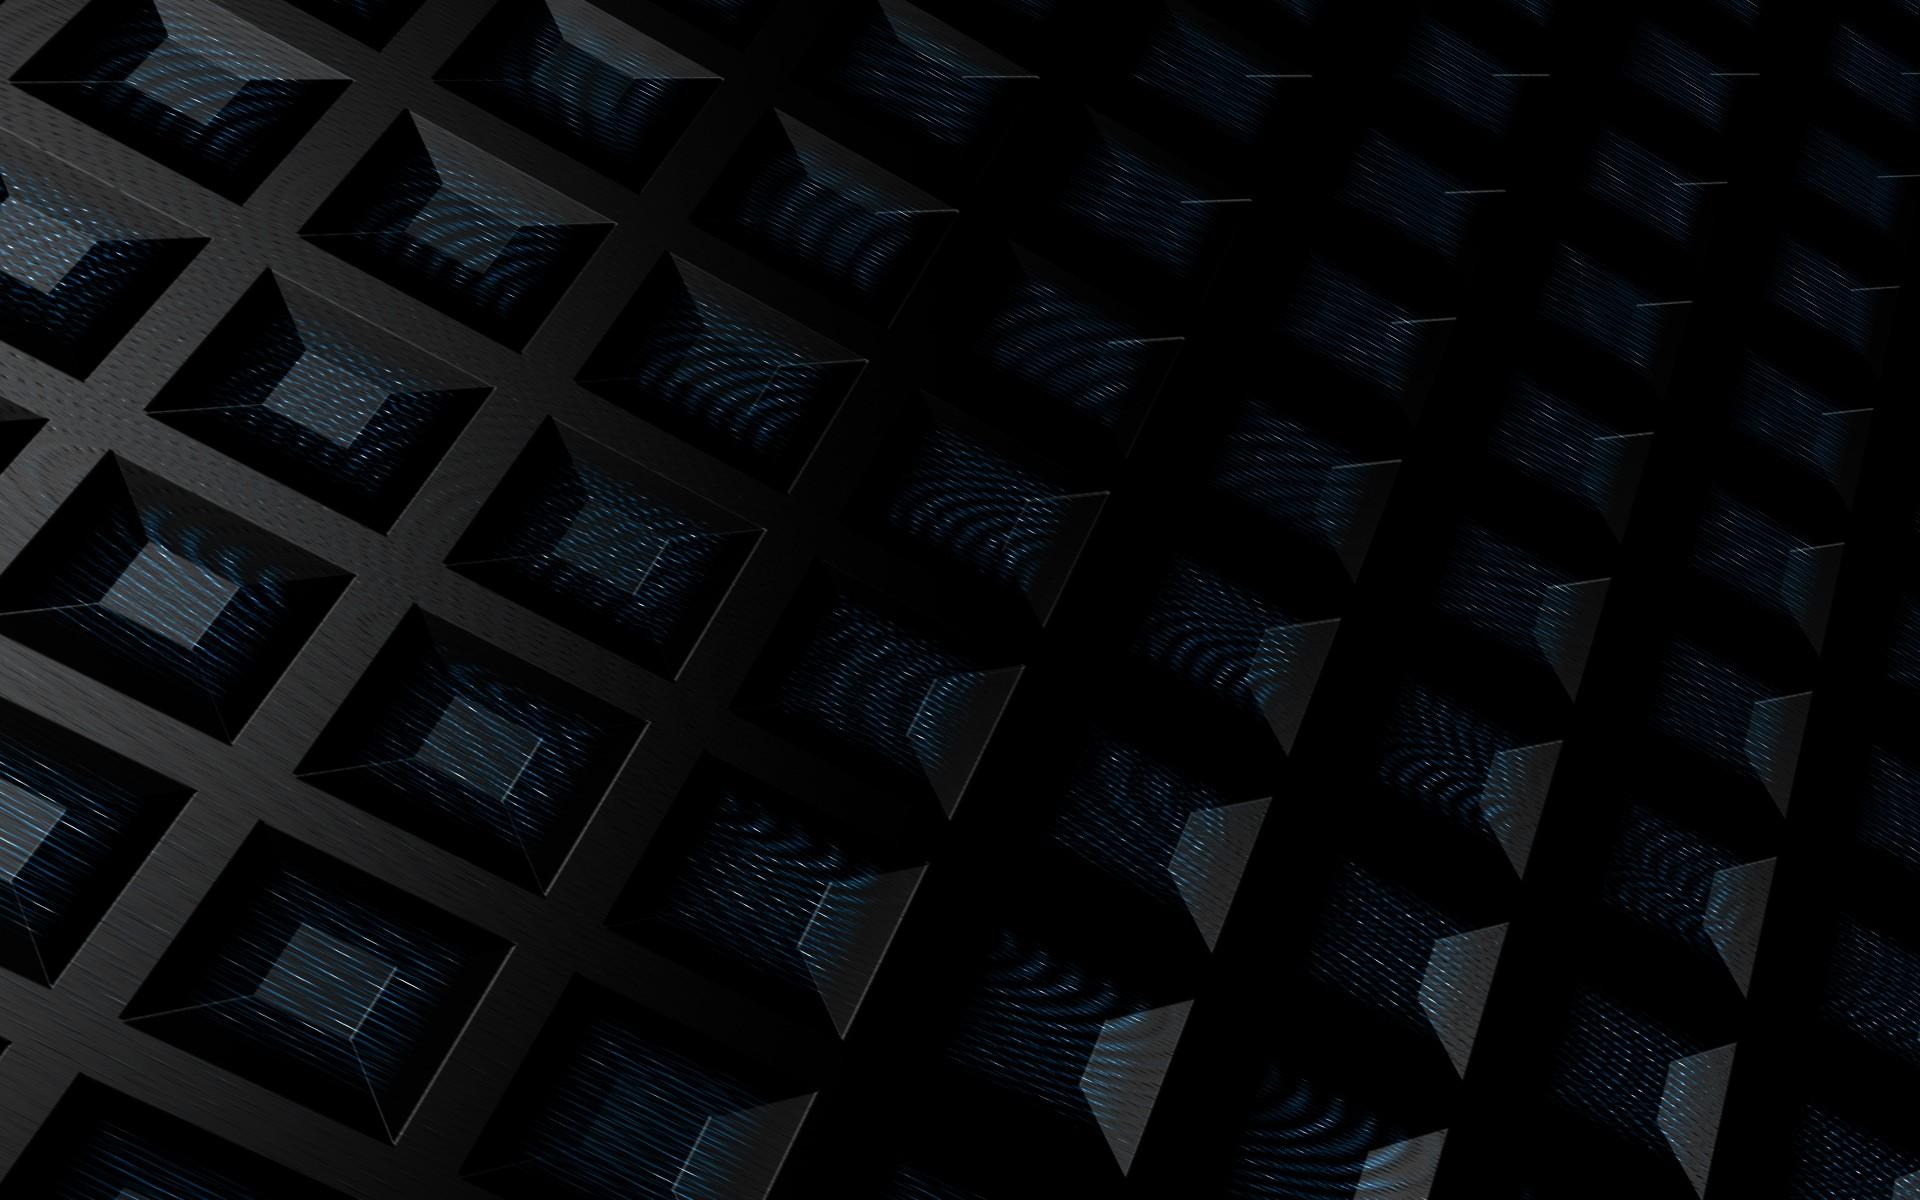 Hd Abstract 720p Battlefield 4 Wallpaper 1080p Wallpaper 1920x1200